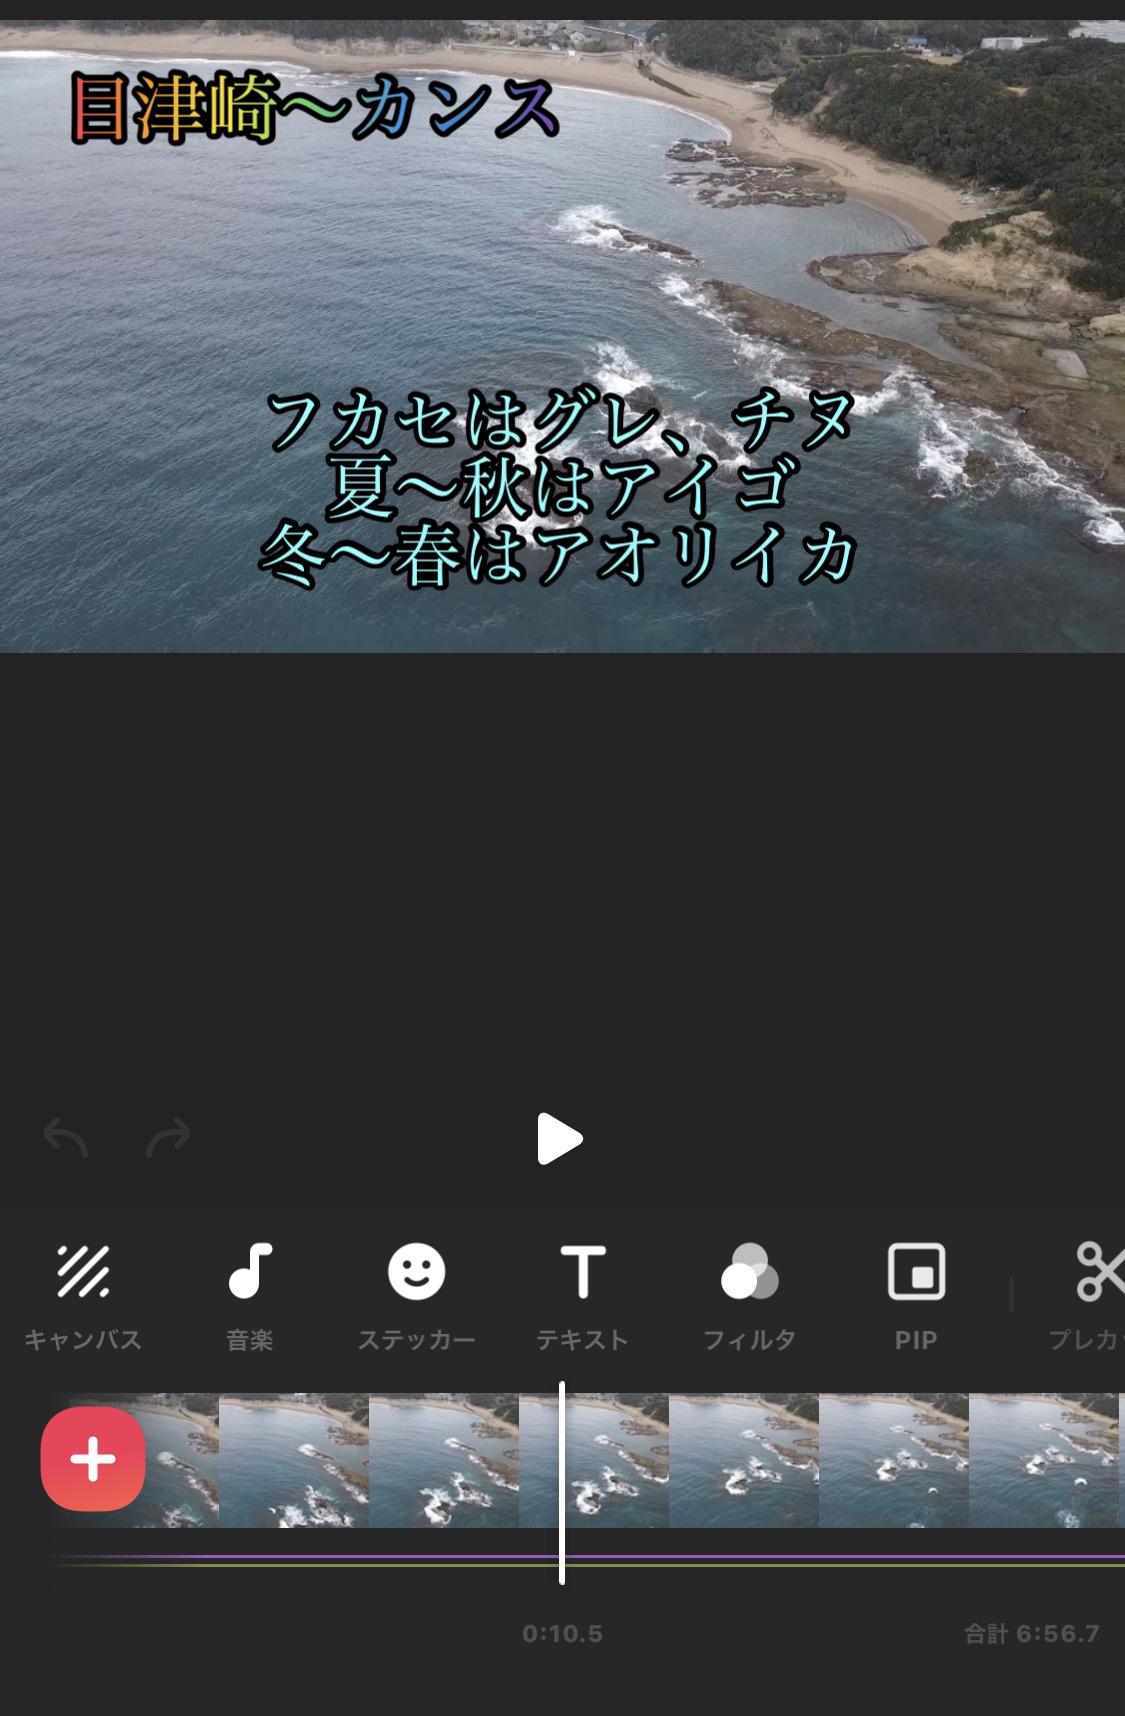 空撮映像を公開するまでの流れ!【後編】